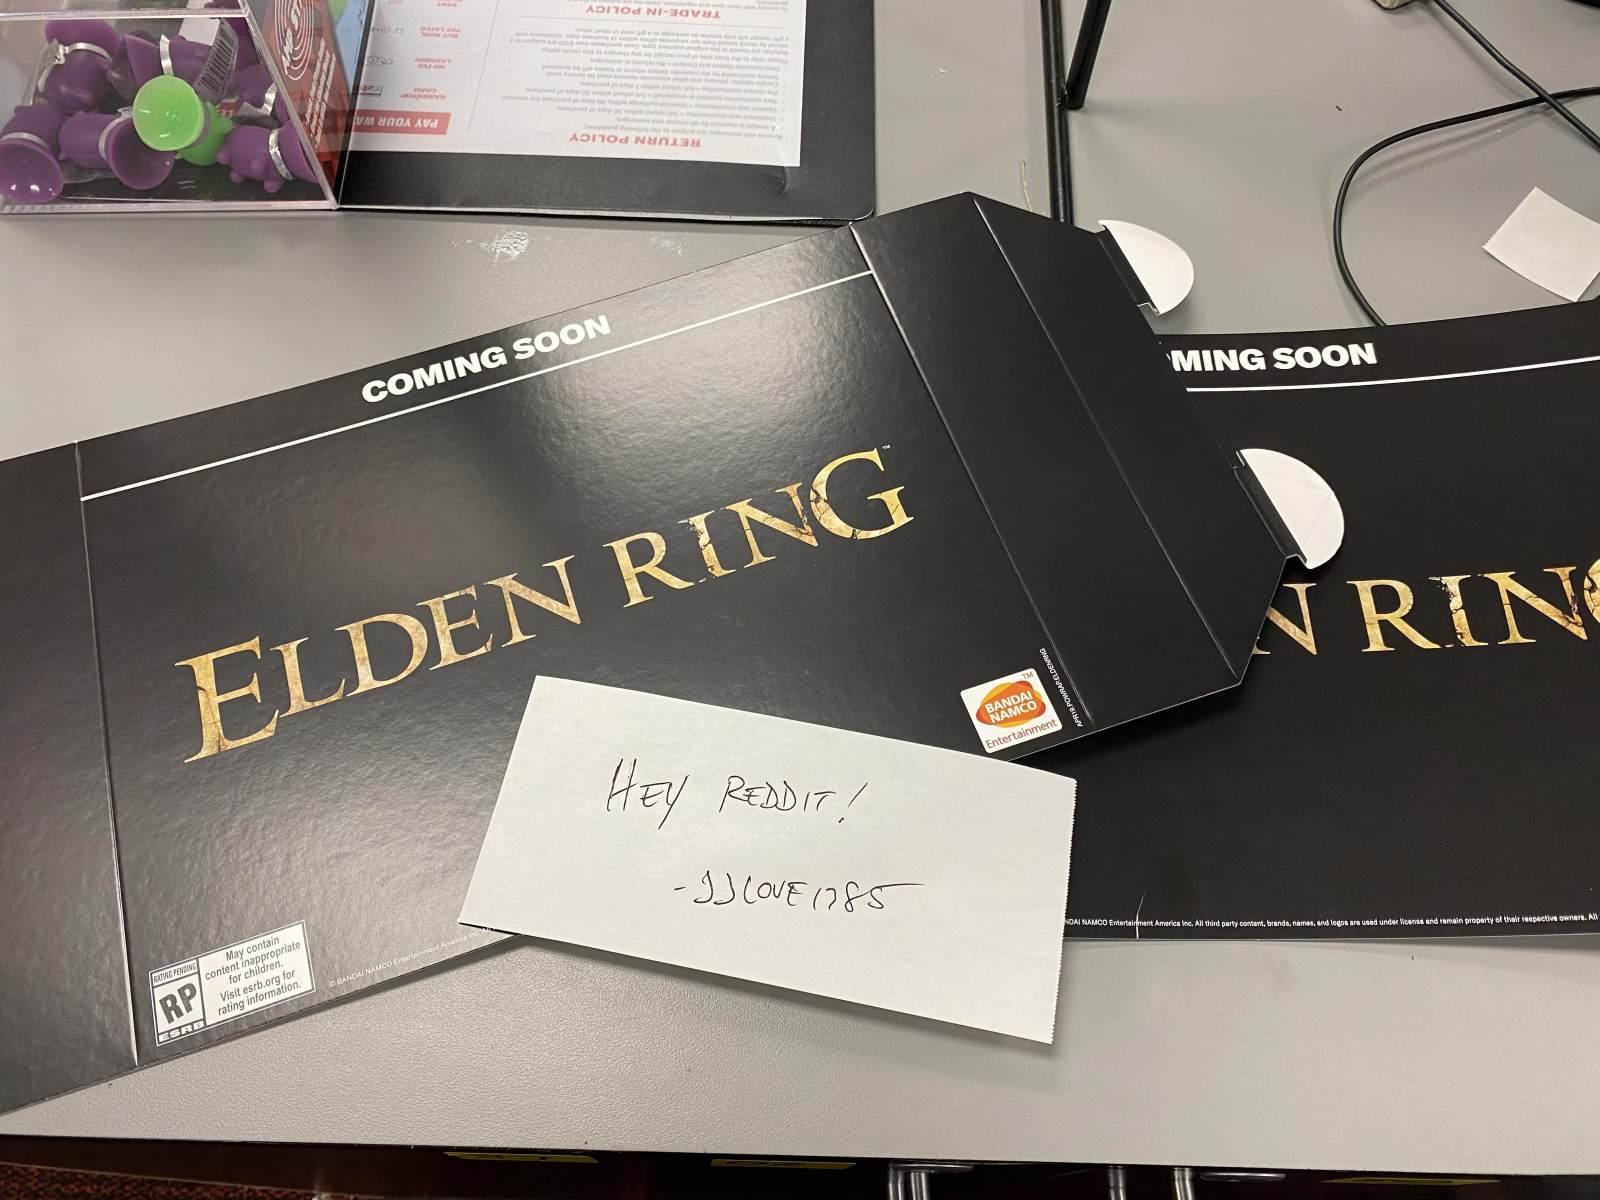 疑似《Elden Ring》宣传物料被Reddit用户发了出来